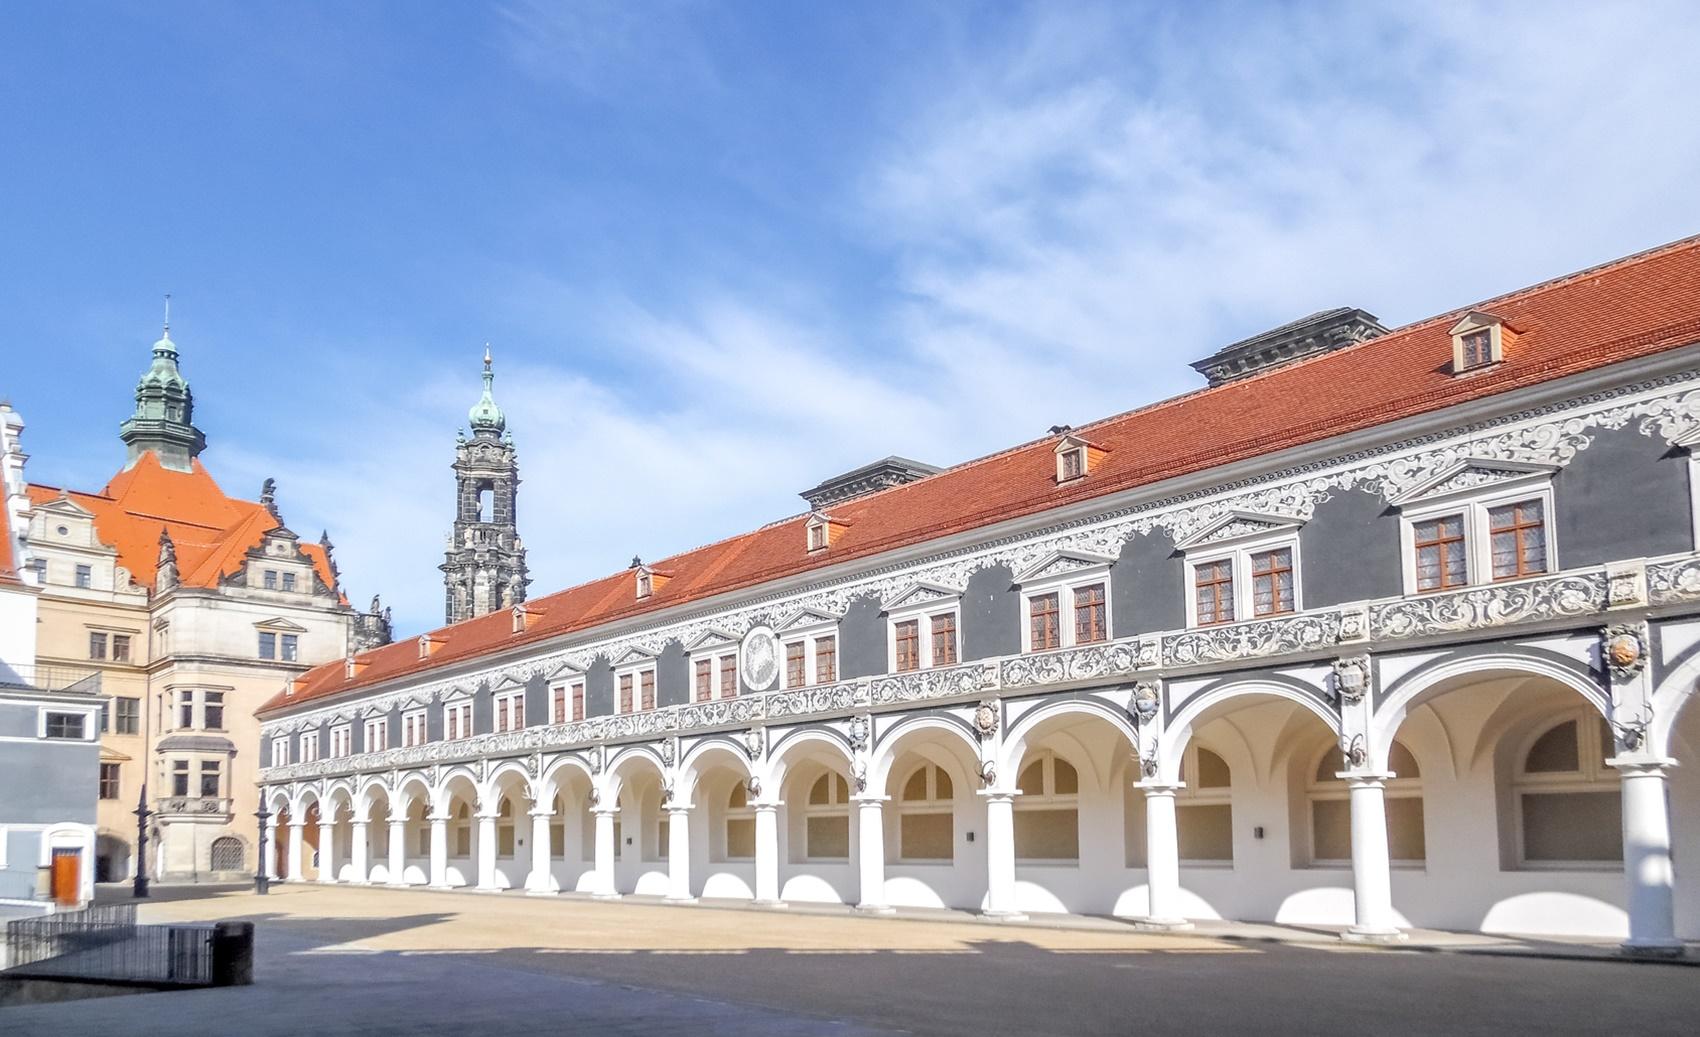 Stallhof, Schloss Dresden